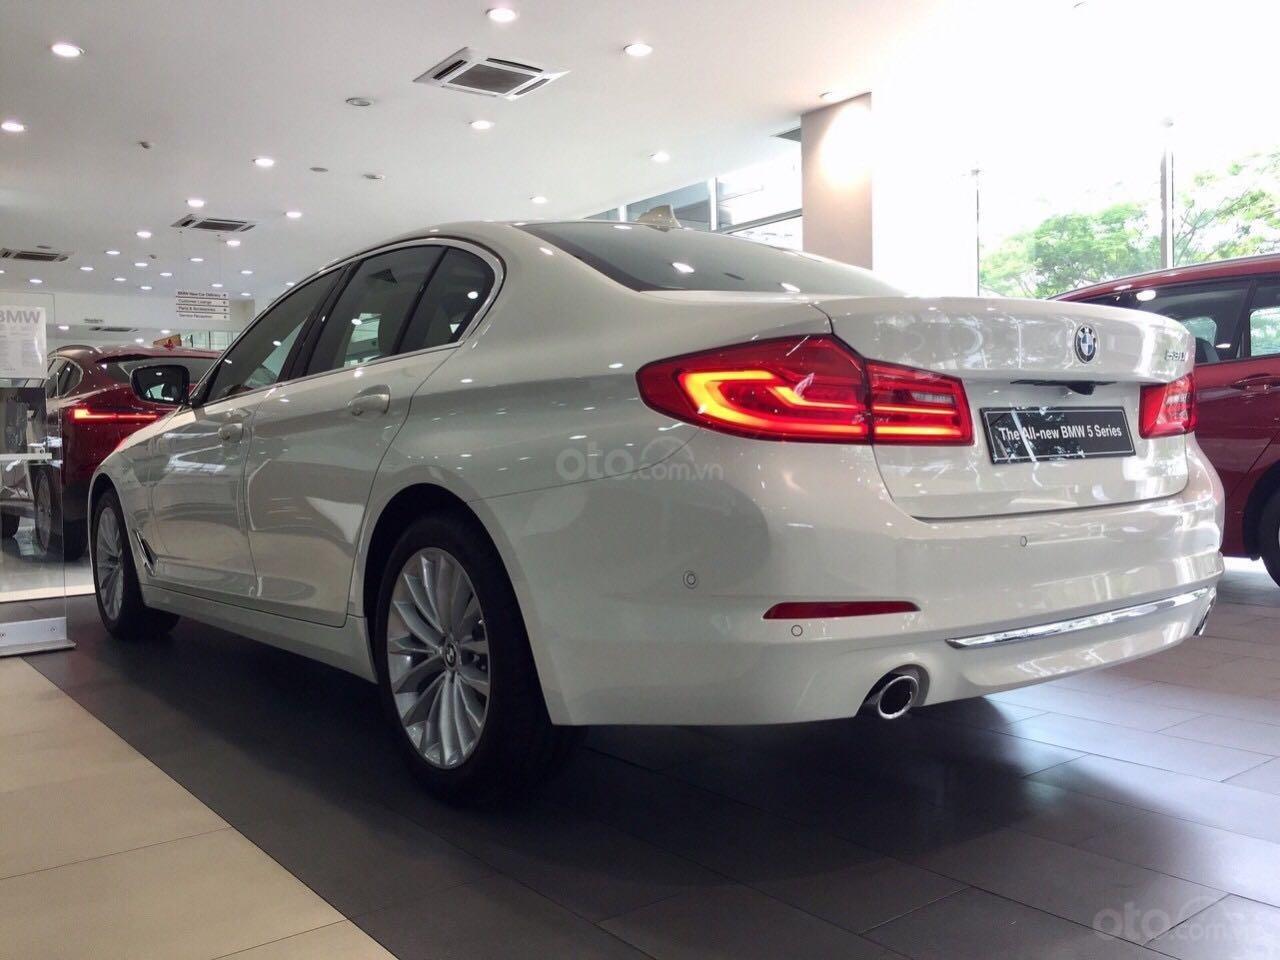 BMW 520i all new, giá tốt nhất miền nam (4)